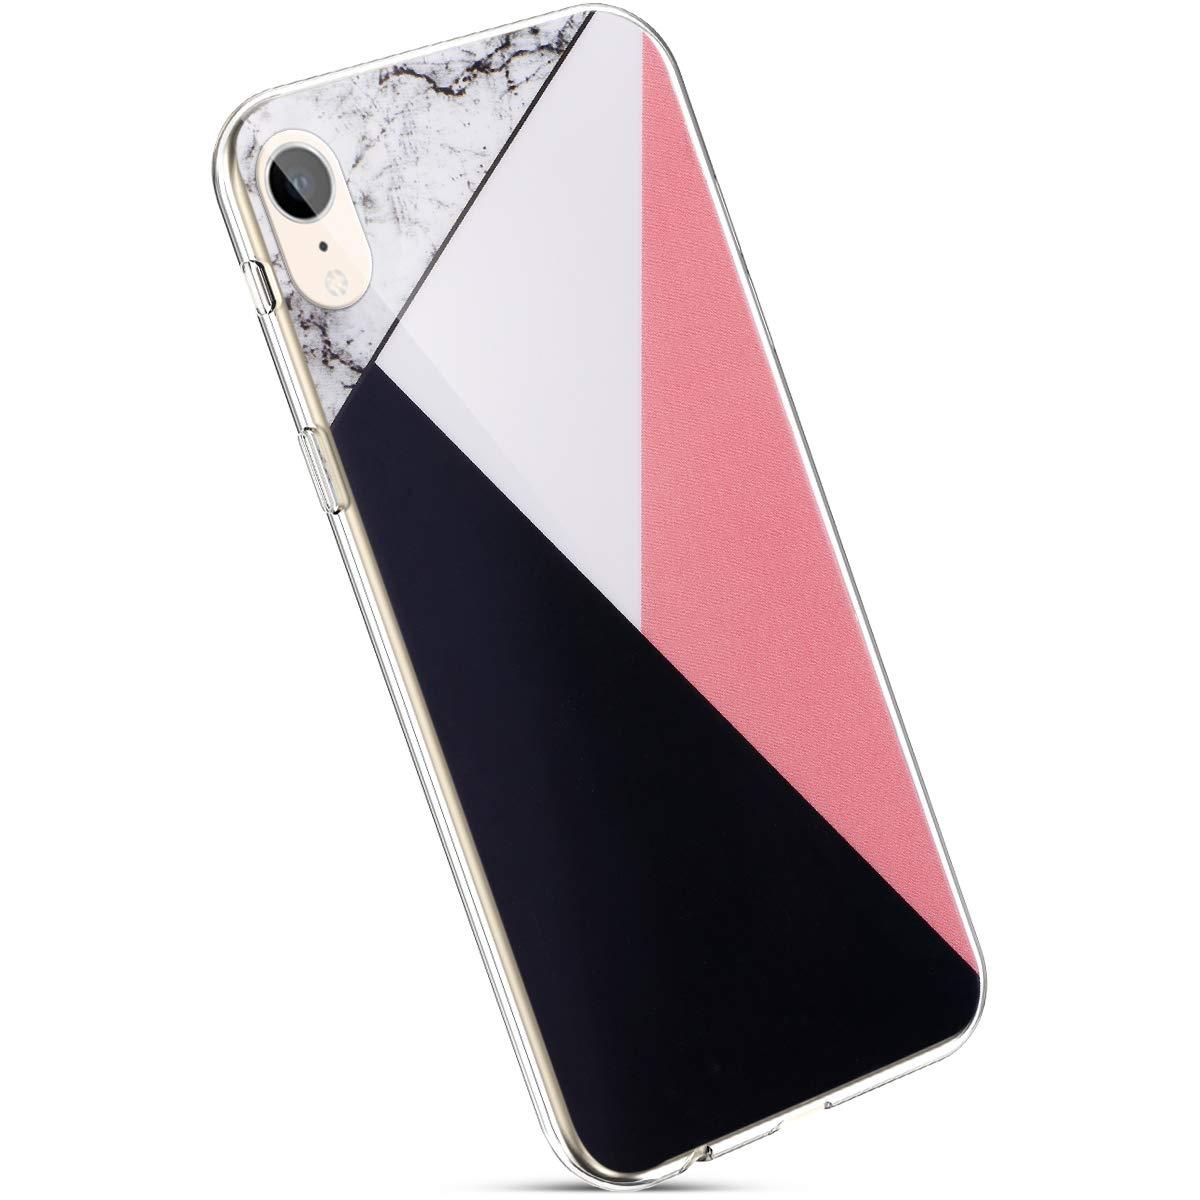 Ysimee Coque iPhone XR, Ultra Mince Silicone Housse Etui de Protection pour Apple iPhone XR 6.1' avec Motifs Marbre Phrase Imprimé Semi Hybrid Crystal Clear Souple Téléphone Couverture,Loss Girl